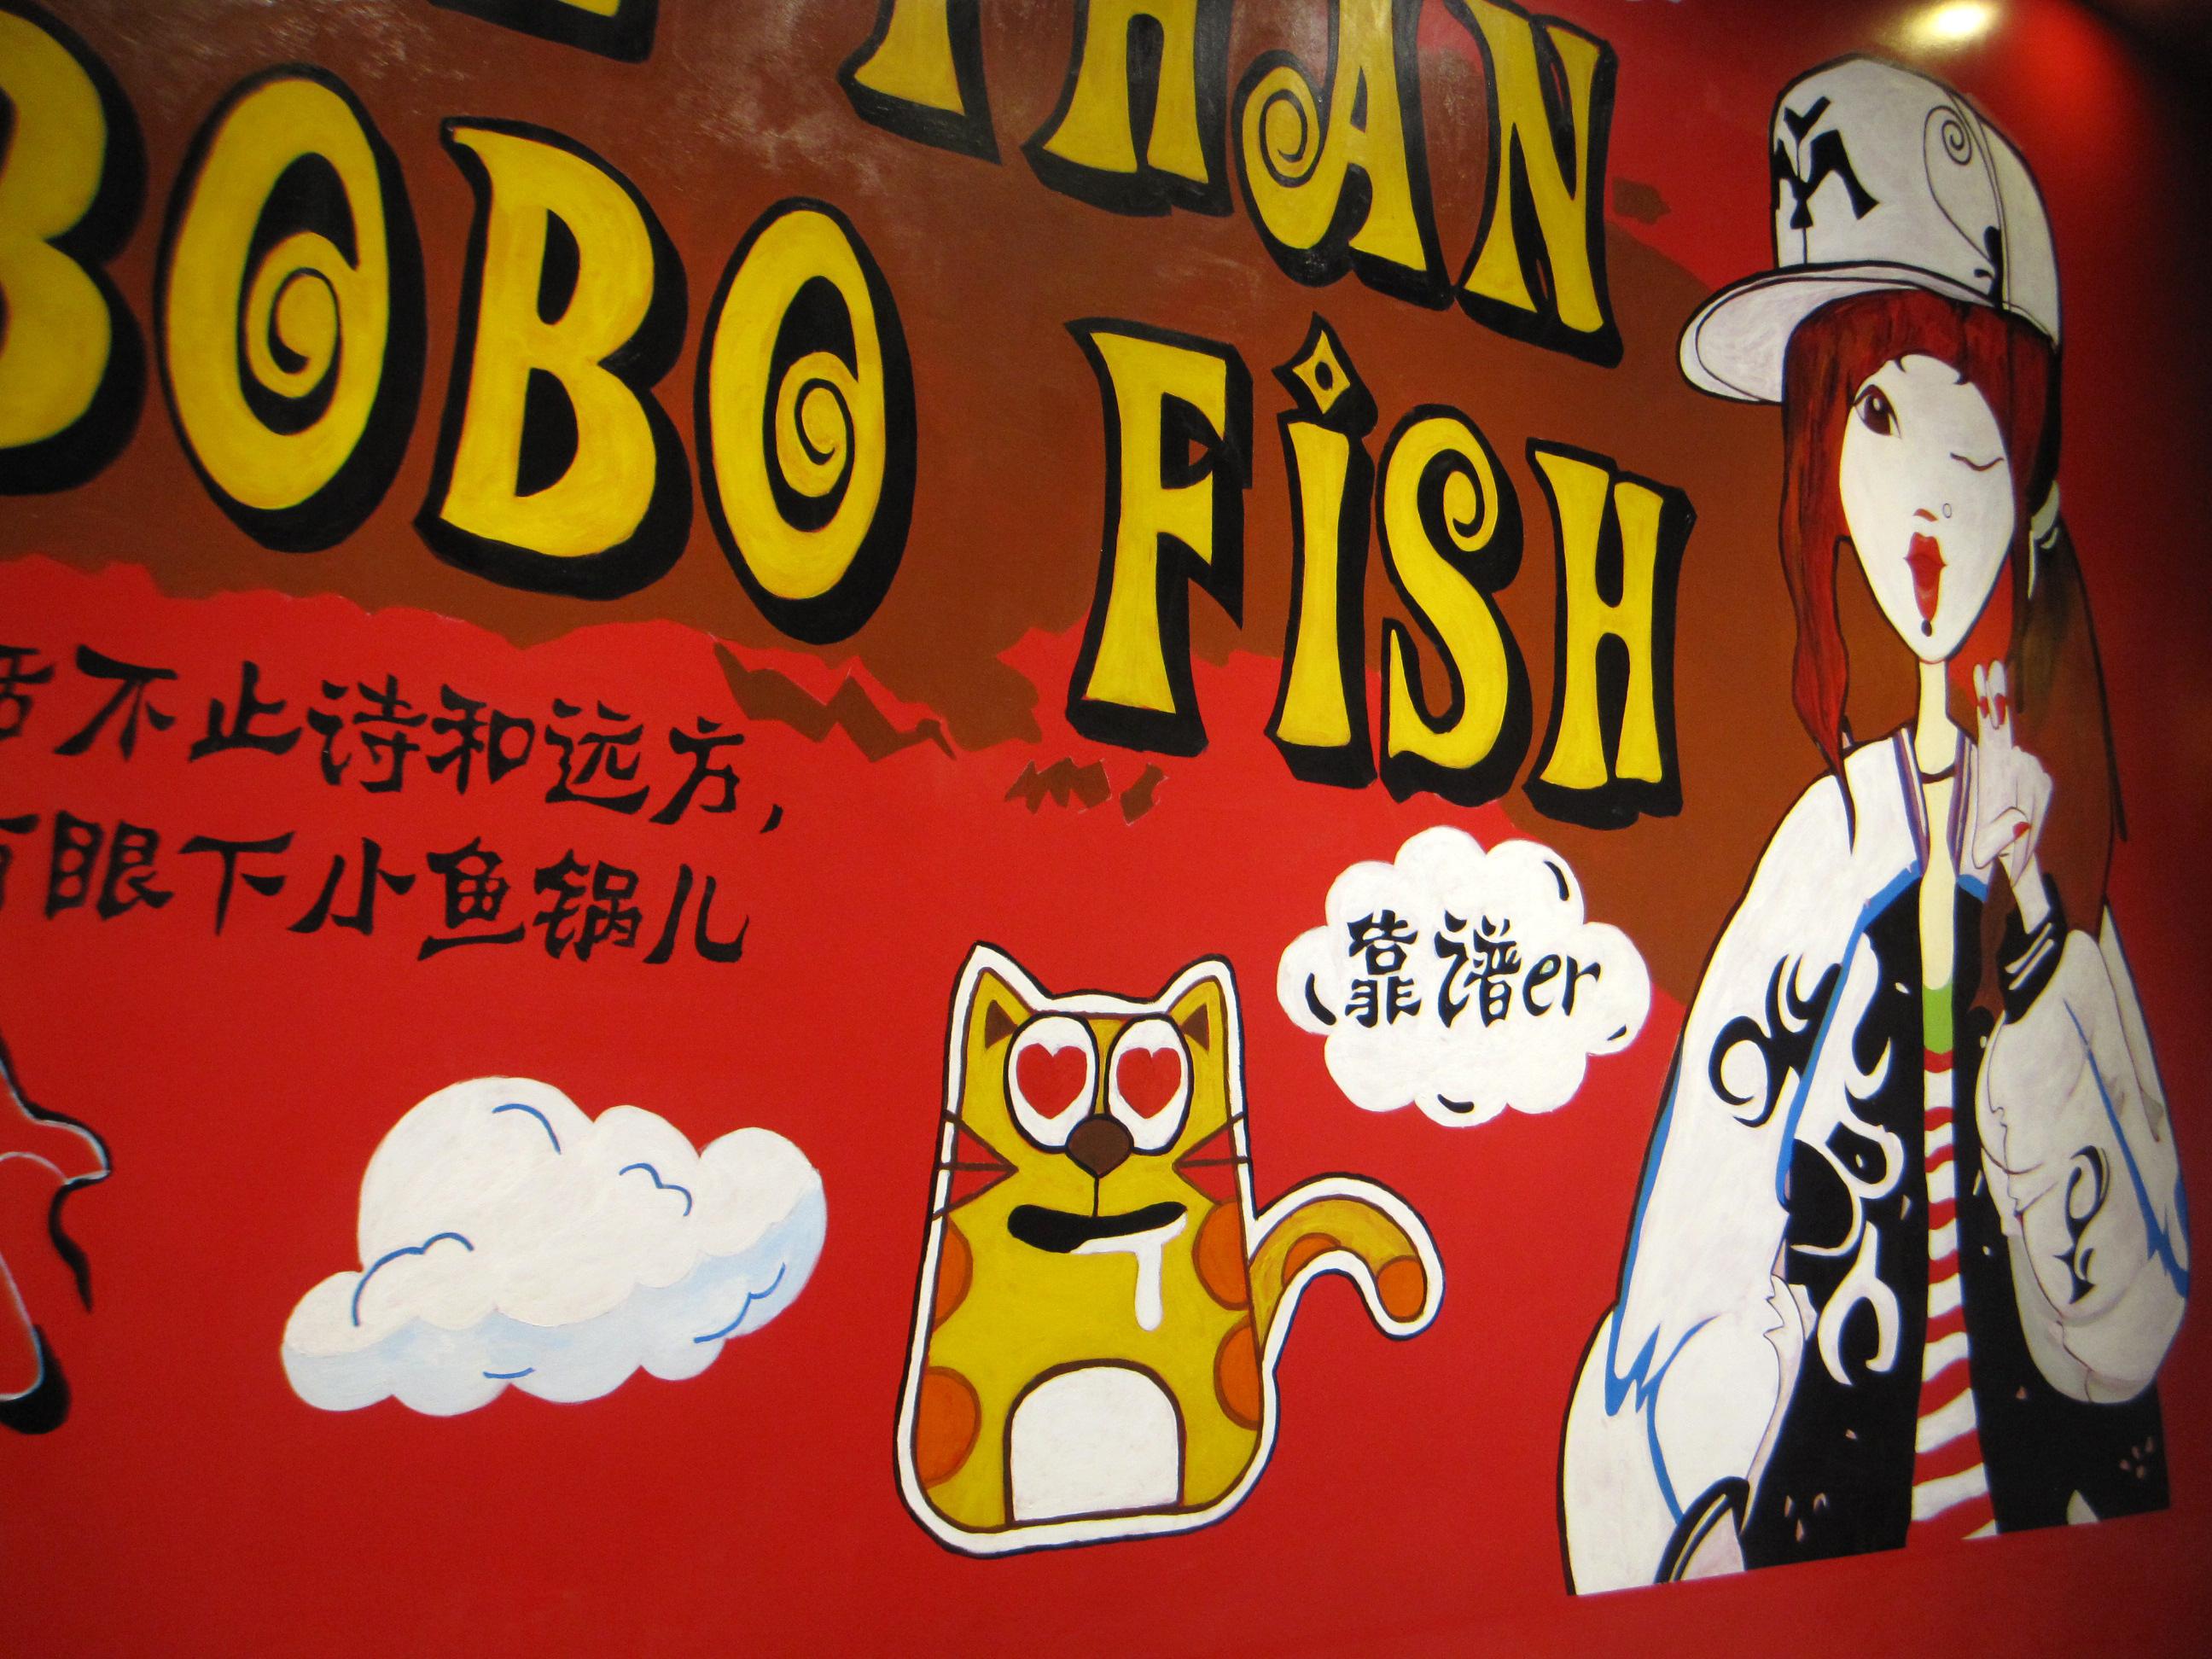 平西府猫赞鱼火锅餐厅手绘墙绘